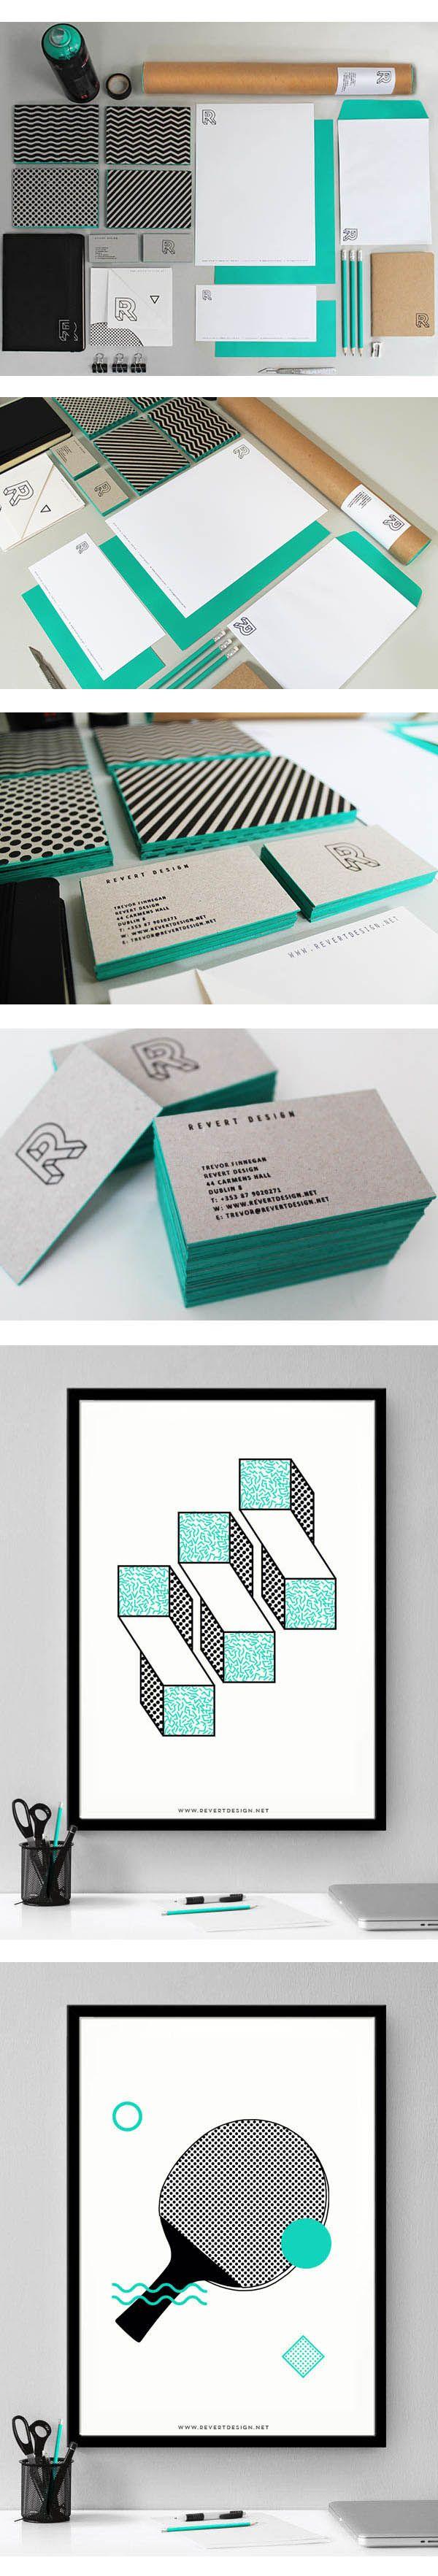 Revert Design – Studio #Brand #Identity by Trevor Finnegan